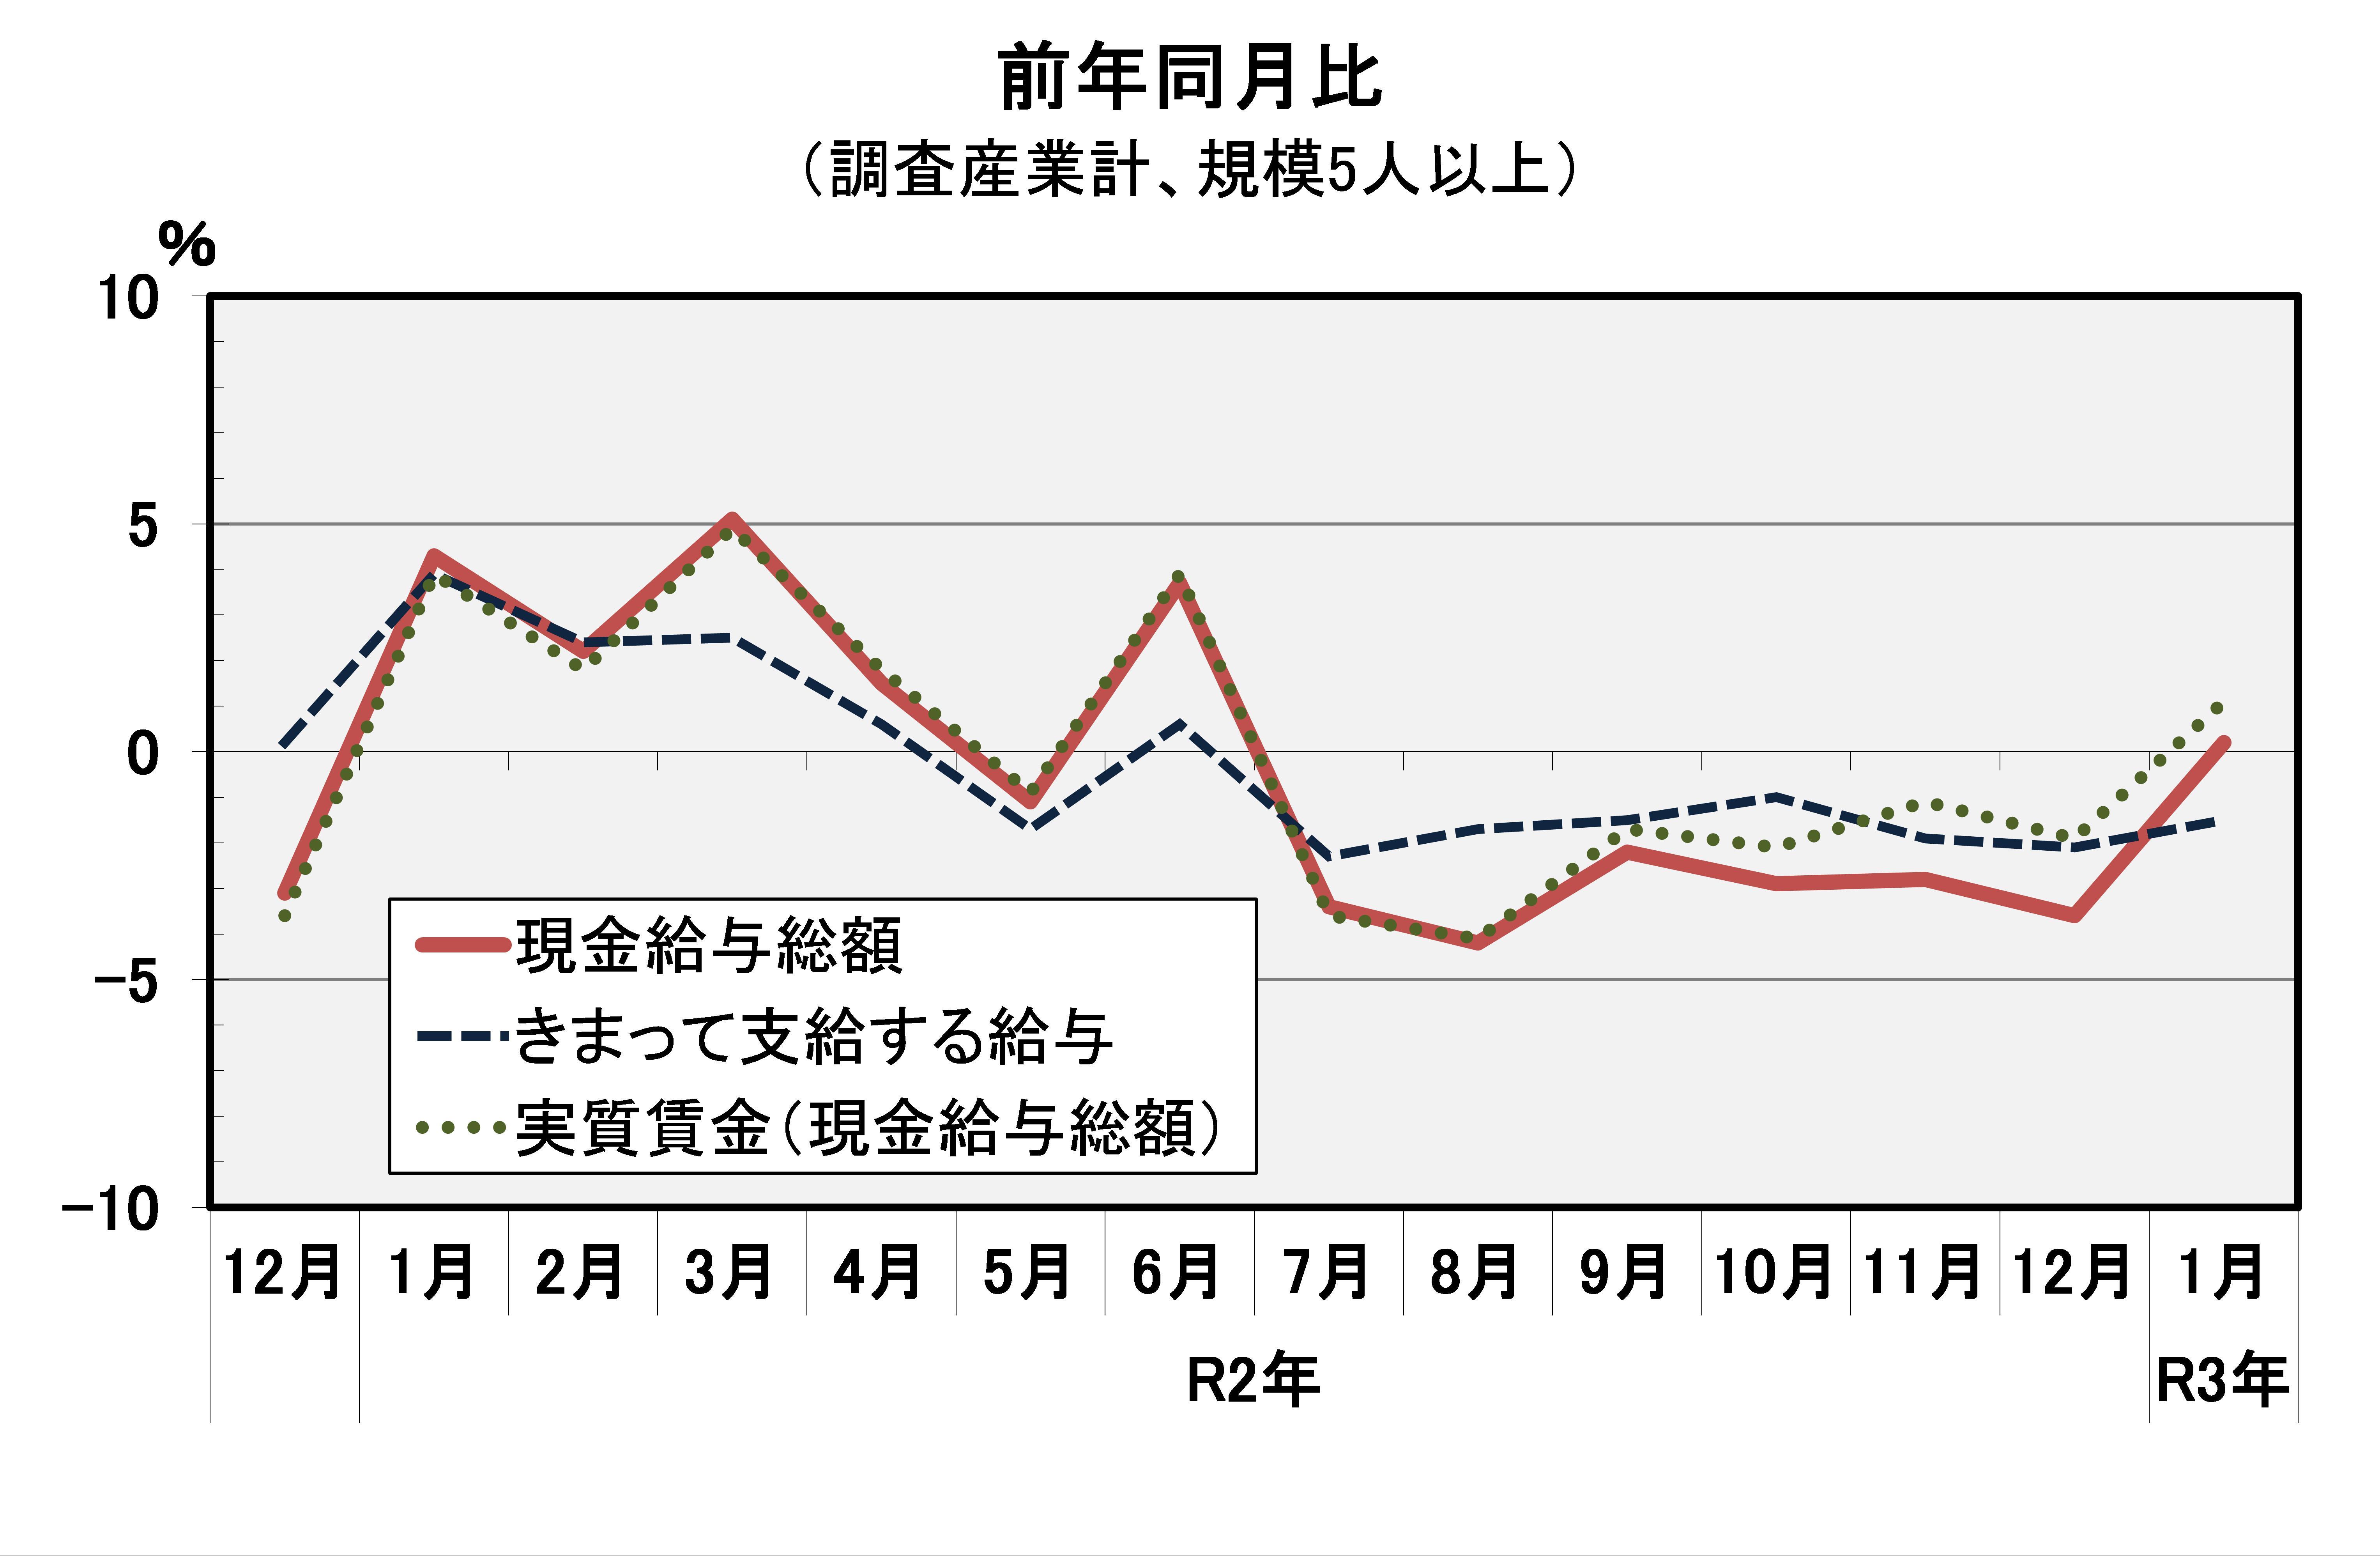 毎月 勤労 統計 調査